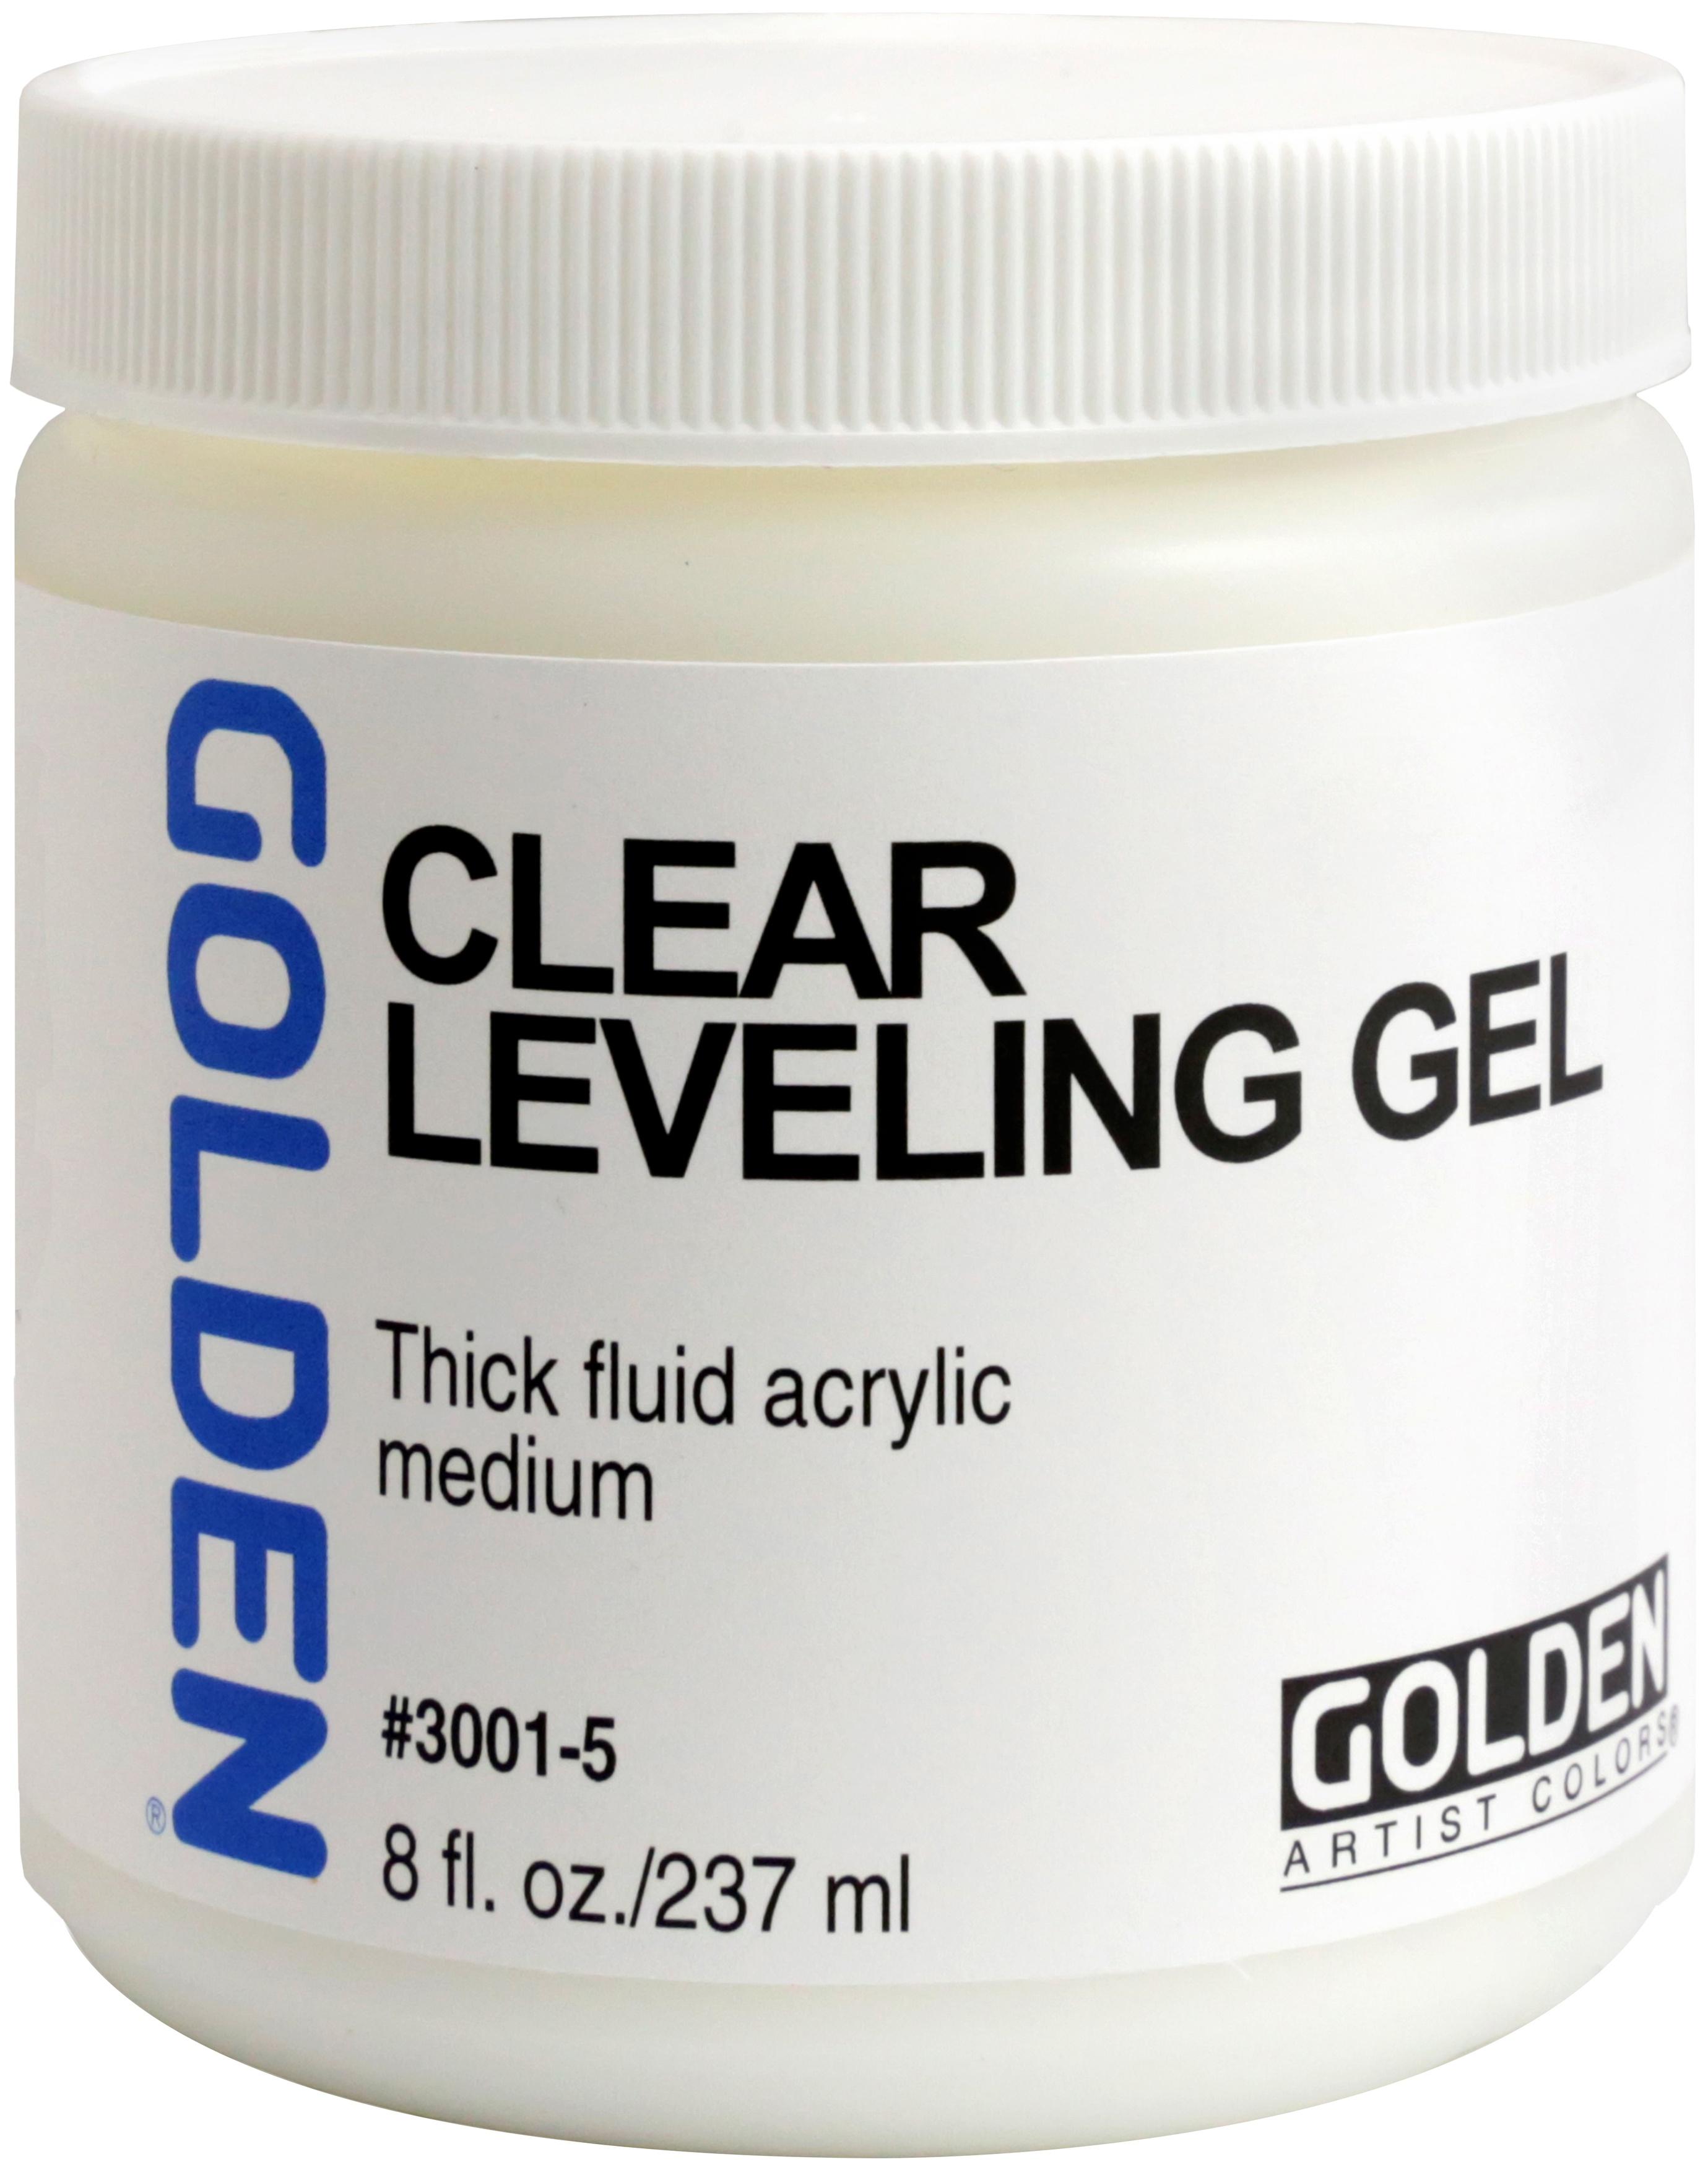 Golden Acrylic Gel Medium 8oz-Clear Leveling Gel